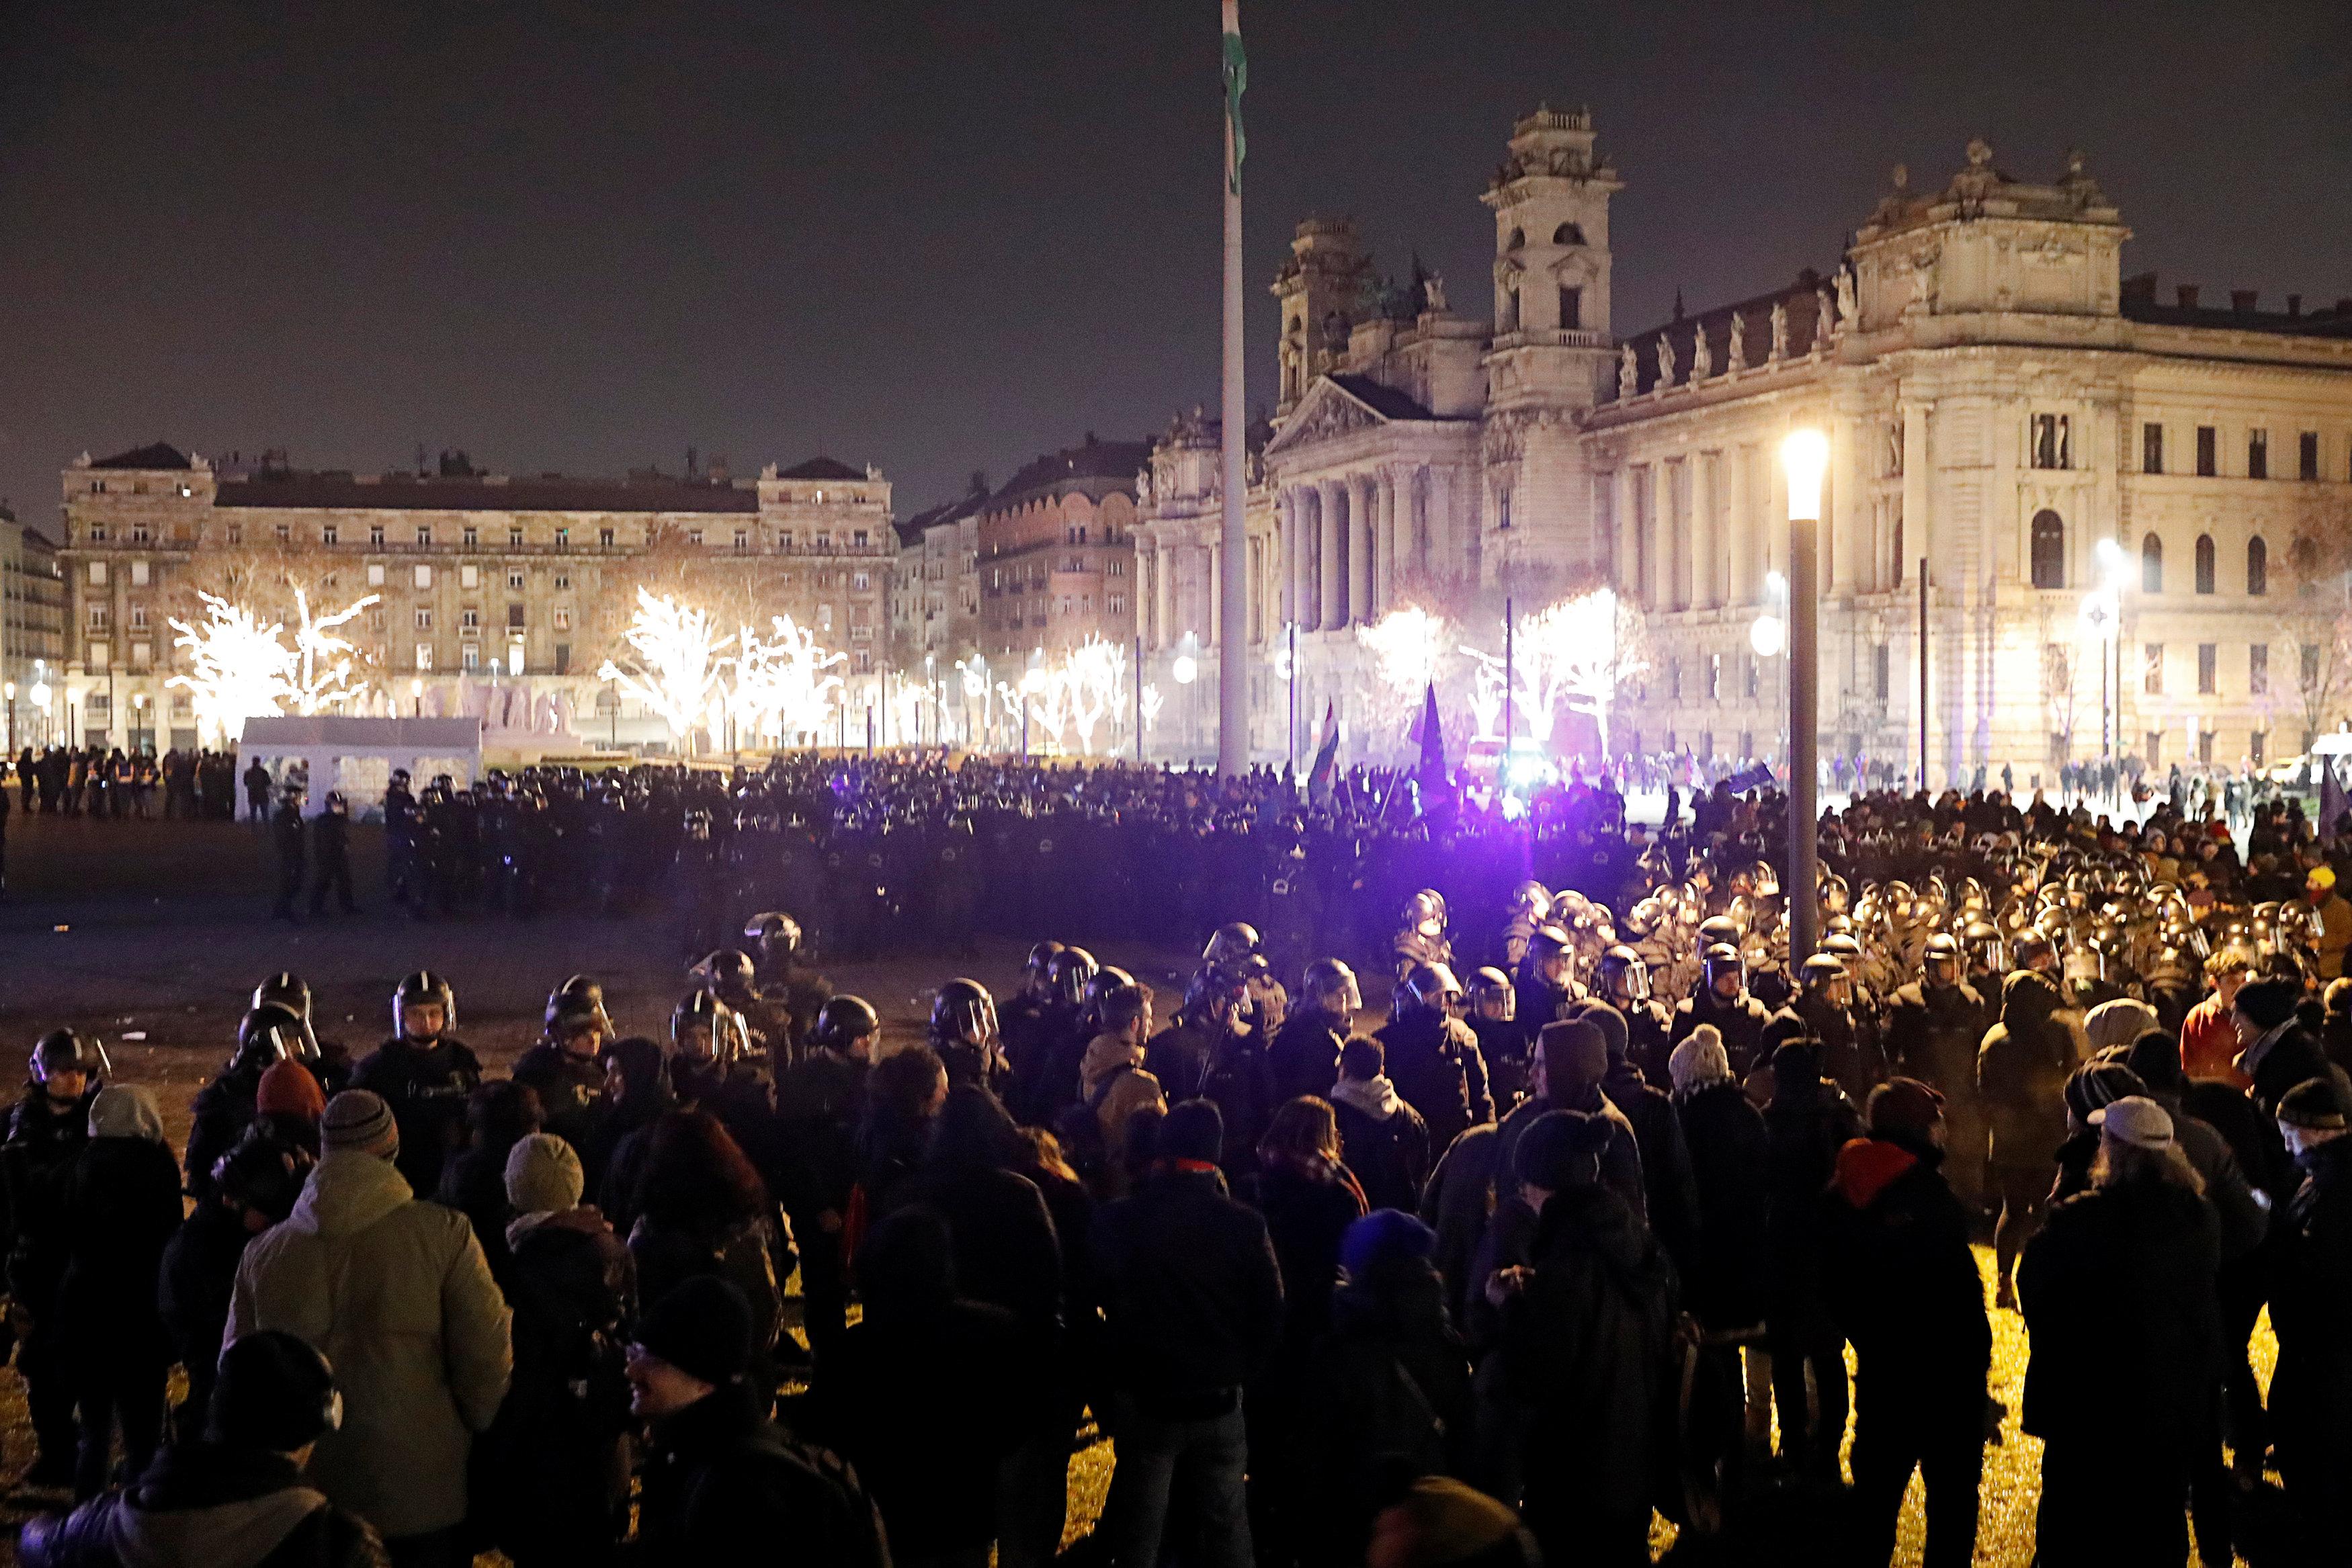 احتجاجات فى المجر ضد قانون العمل الجديد (11)